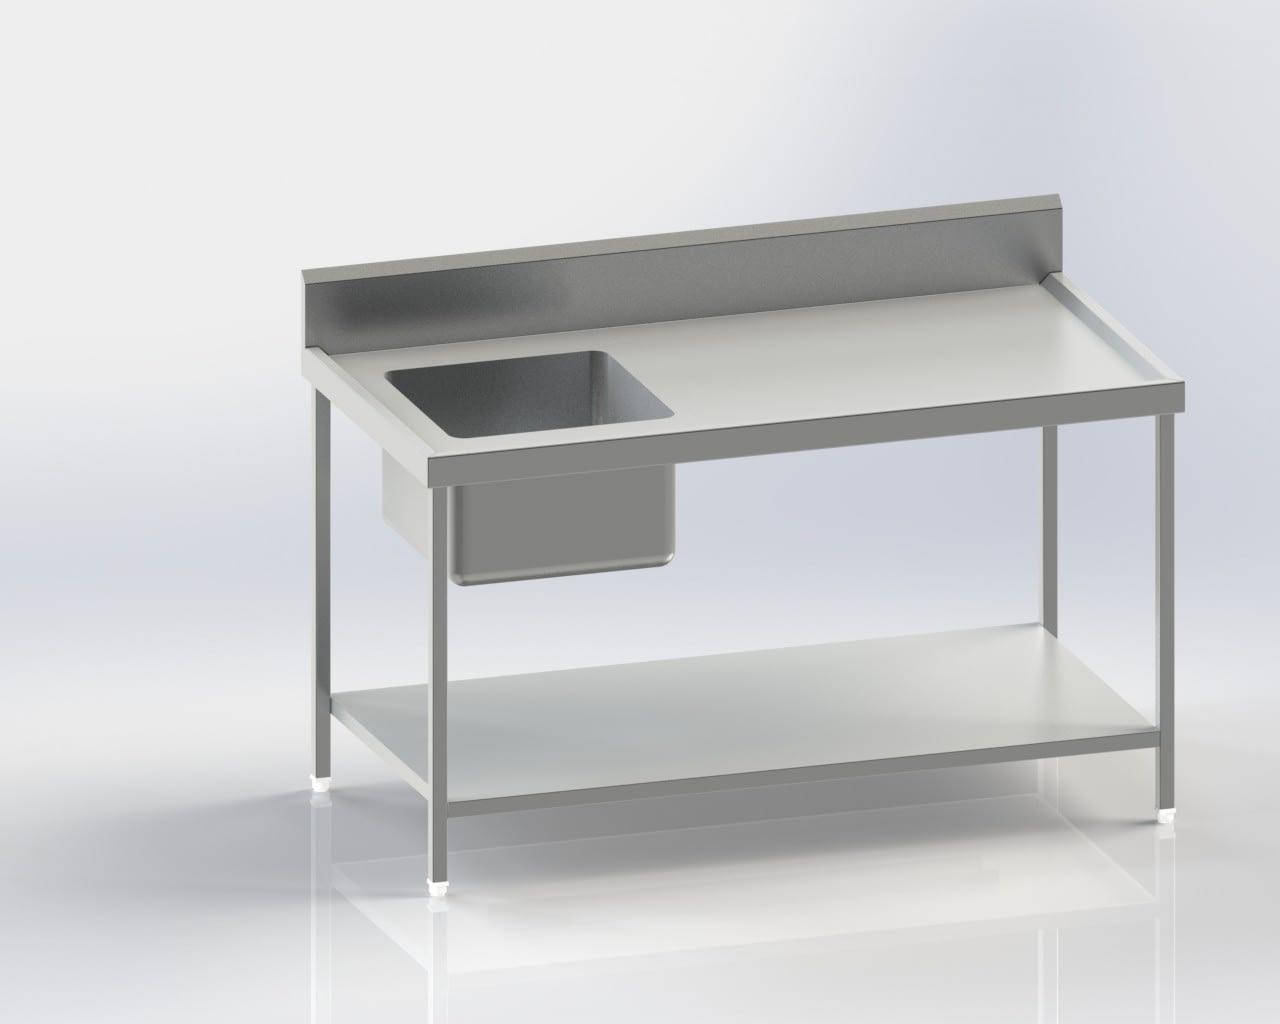 work Table/Backsplash/Sink(Left)